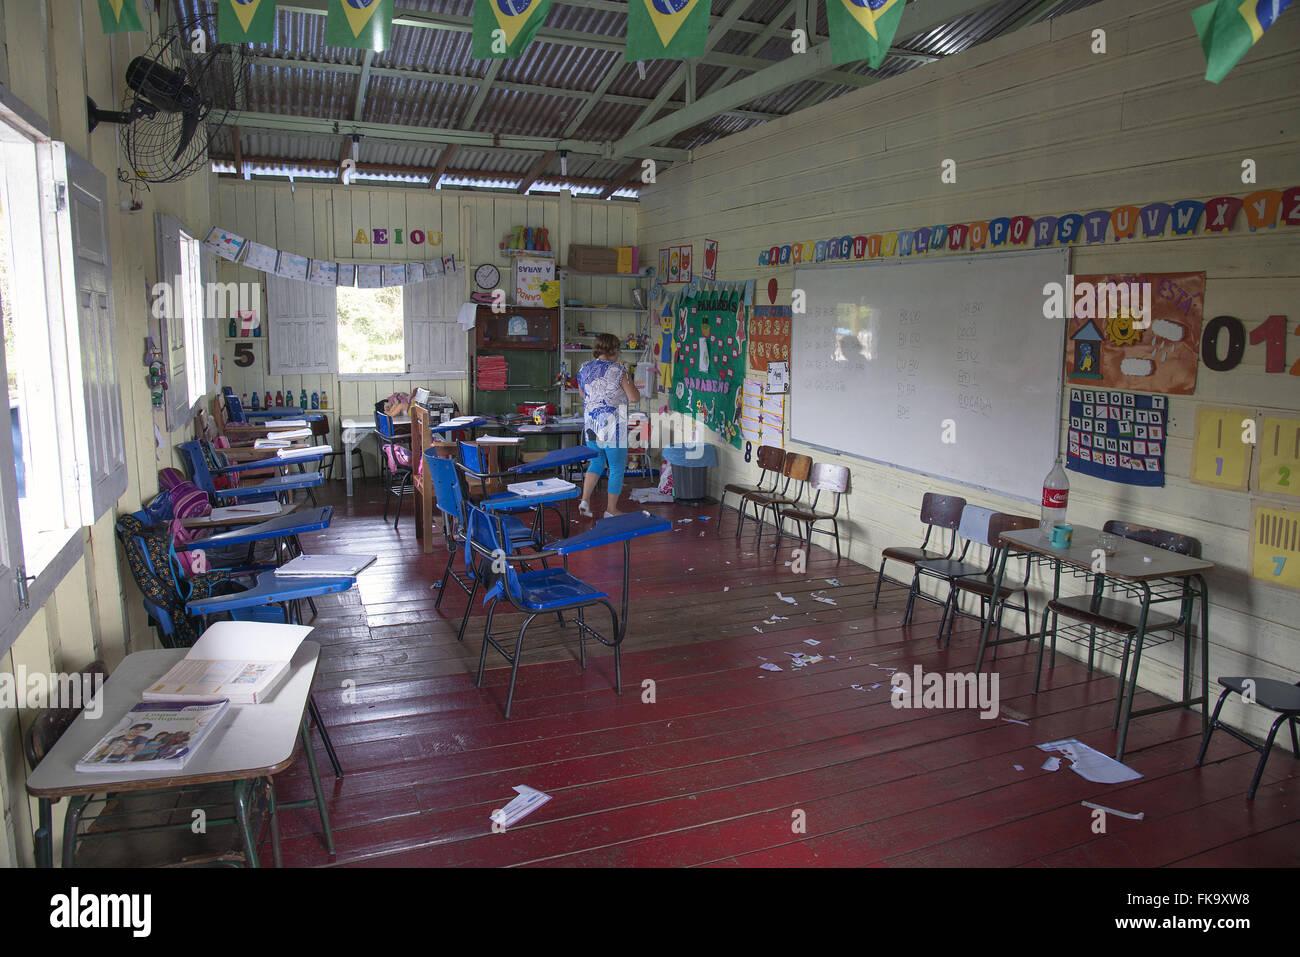 Sala de aula de Ensino Fundamental em escola flutuante - Stock Image